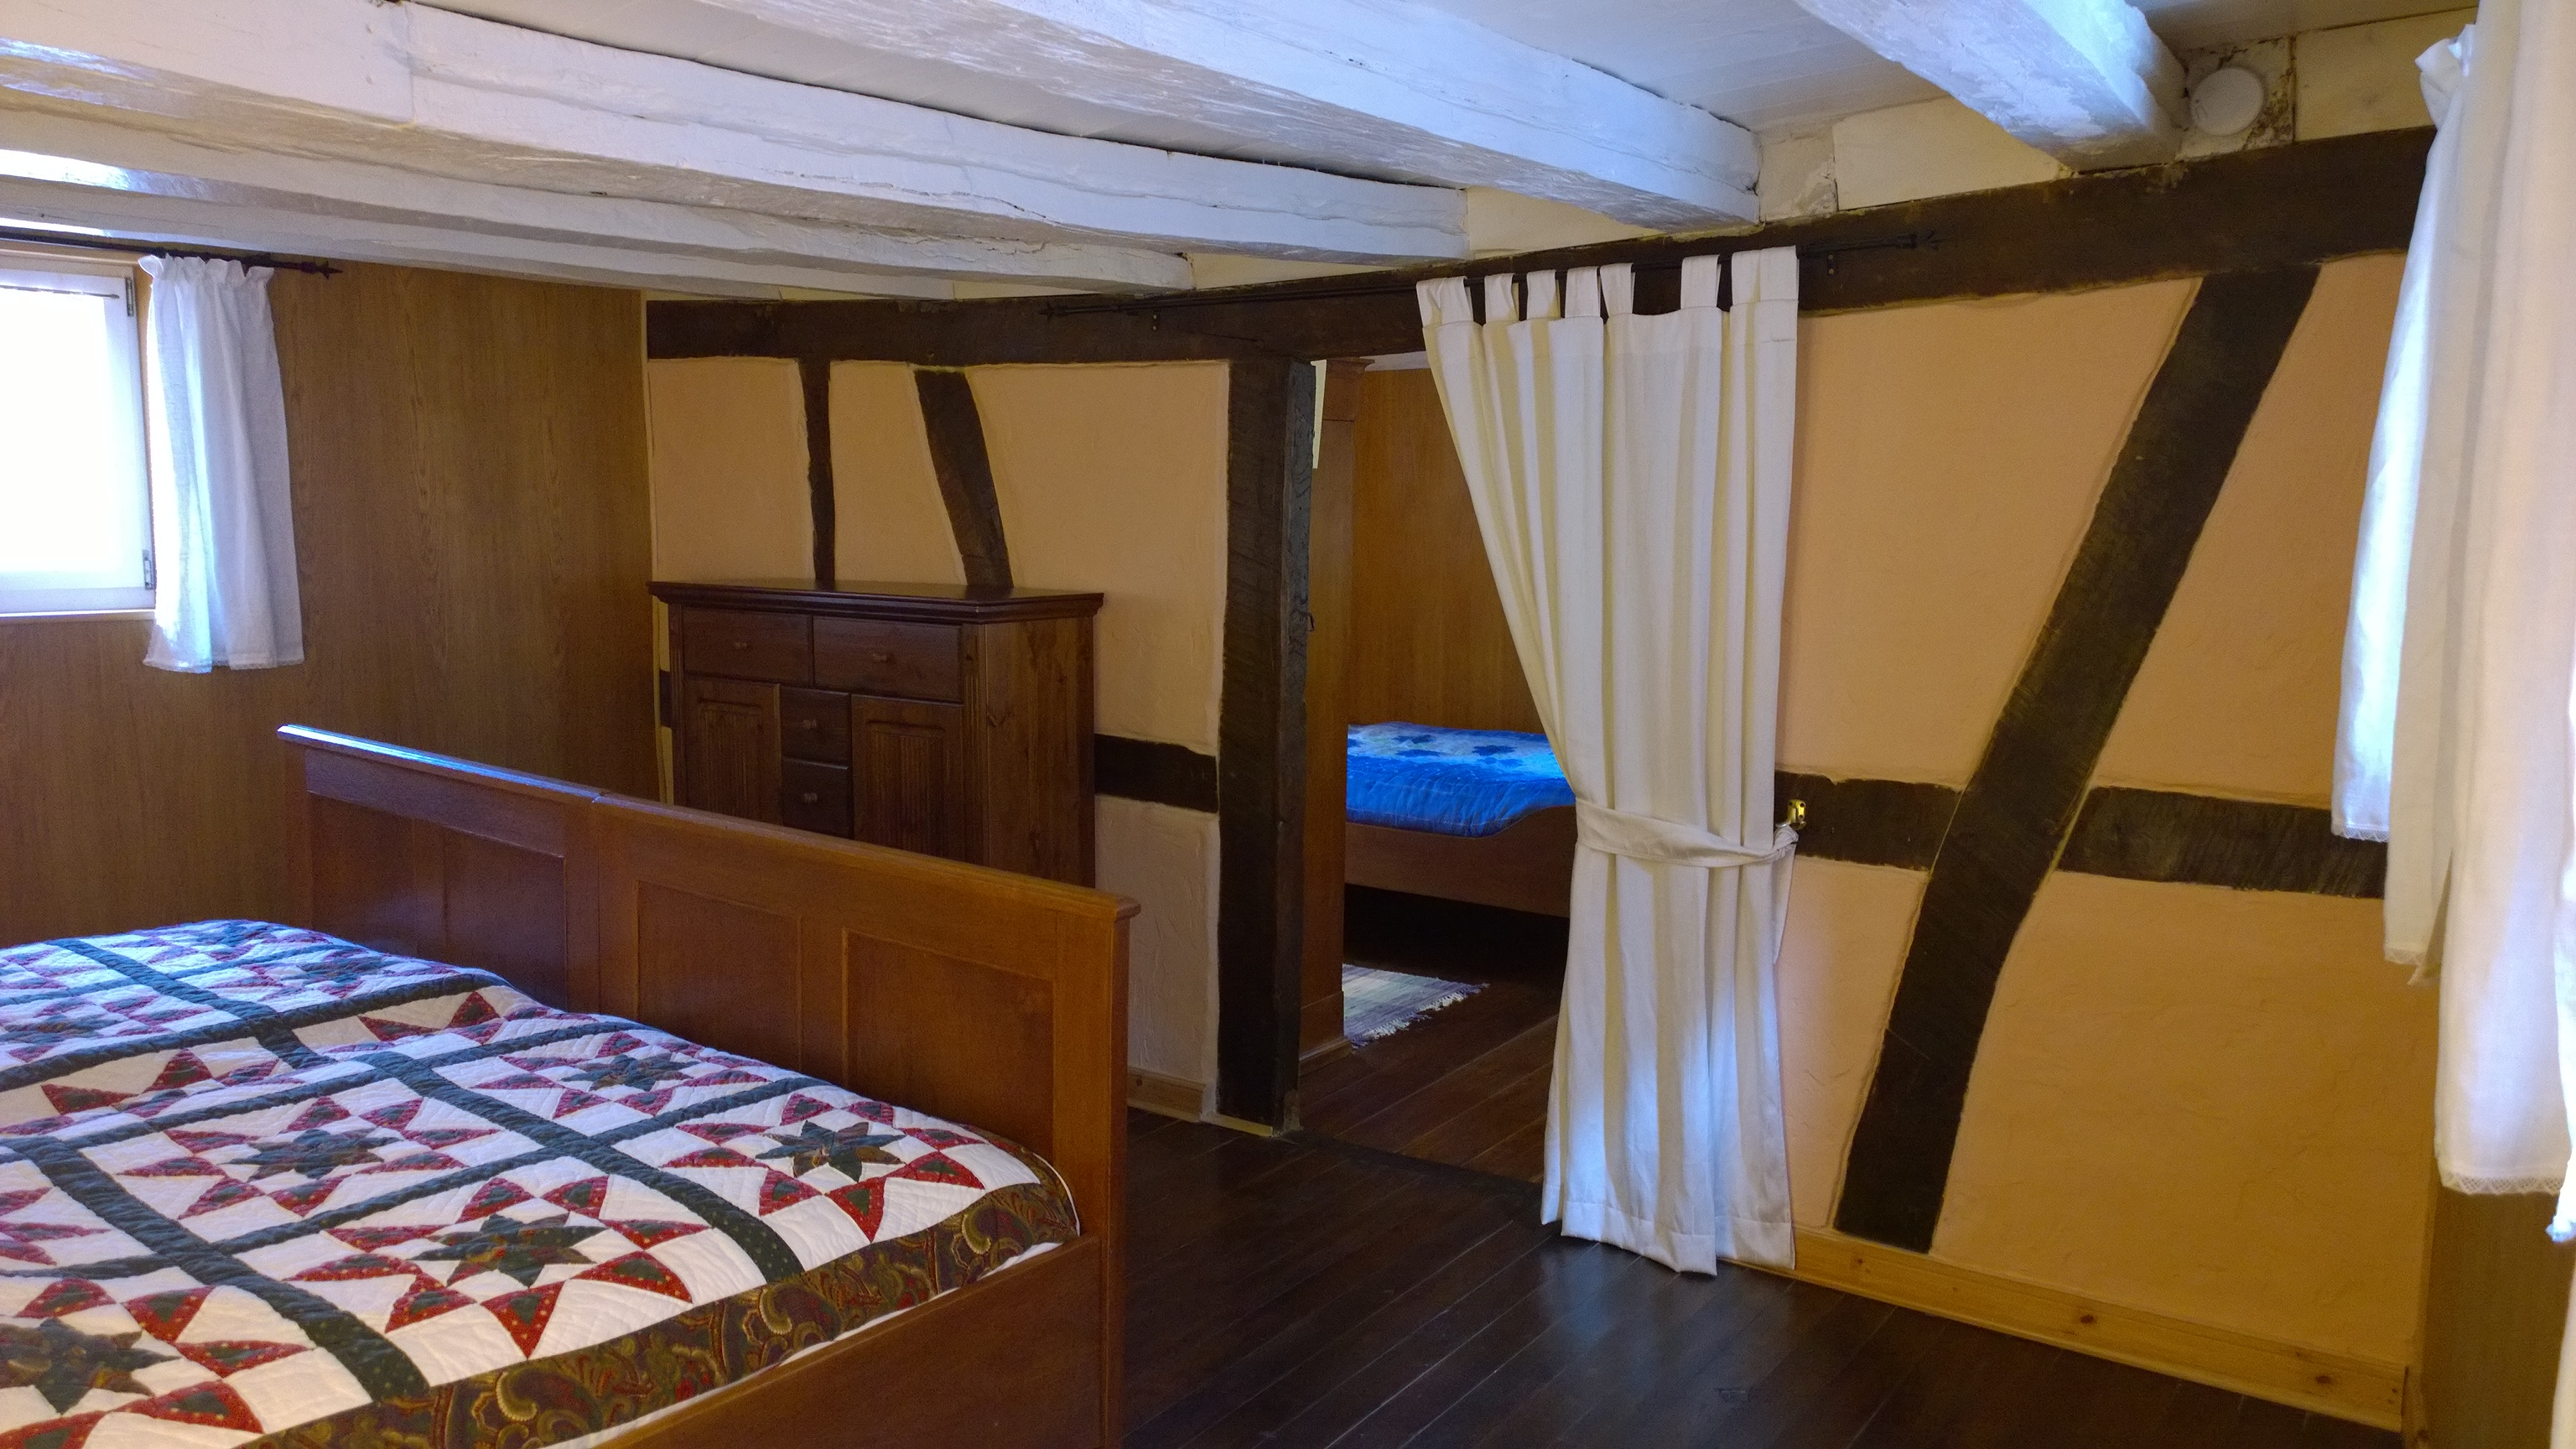 Blick vom Schlafzimmer 1 im 1. Stock ins Schlafzimmer 2